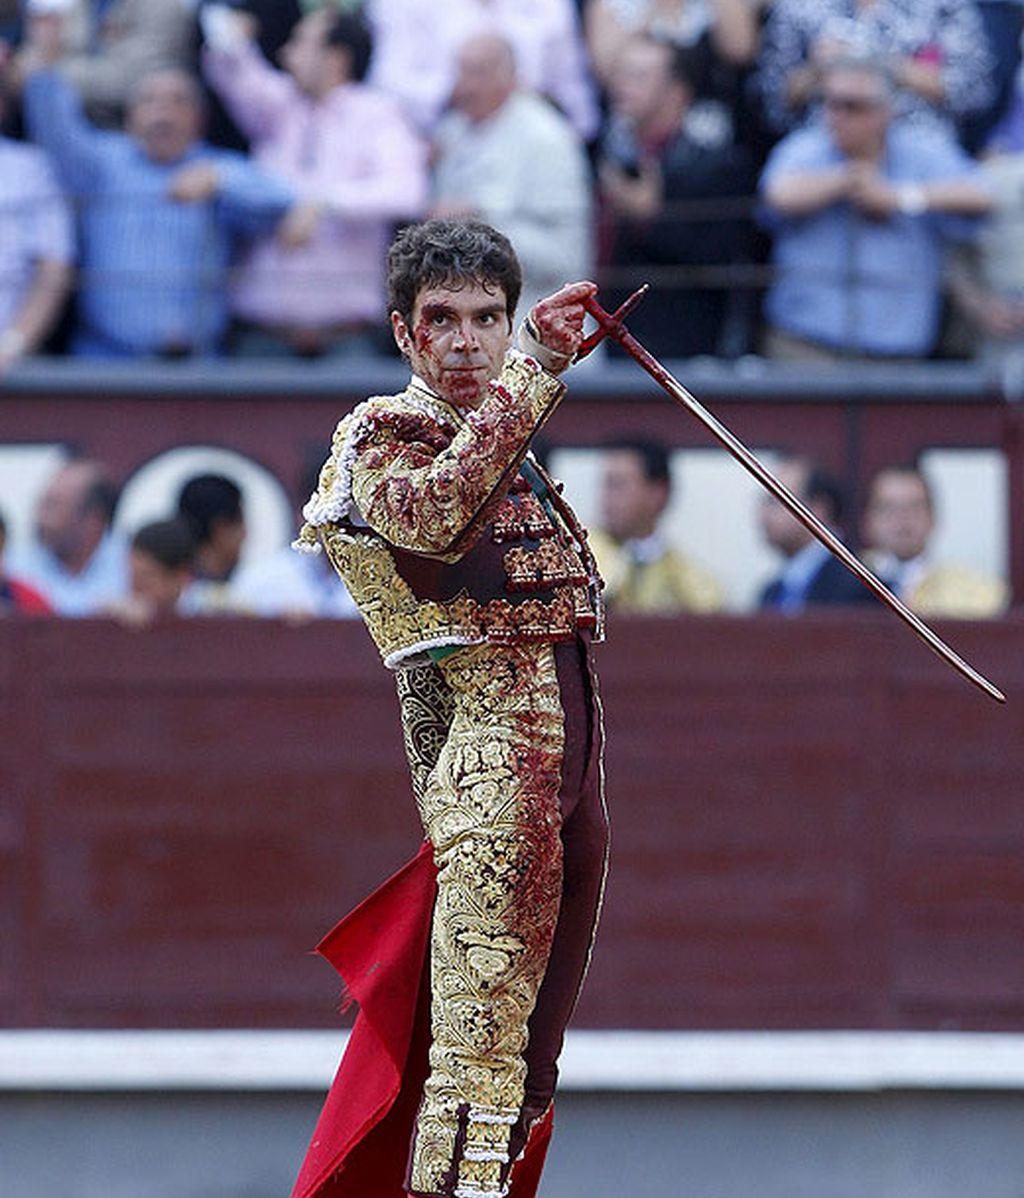 José Tomás, cogido en Las Ventas